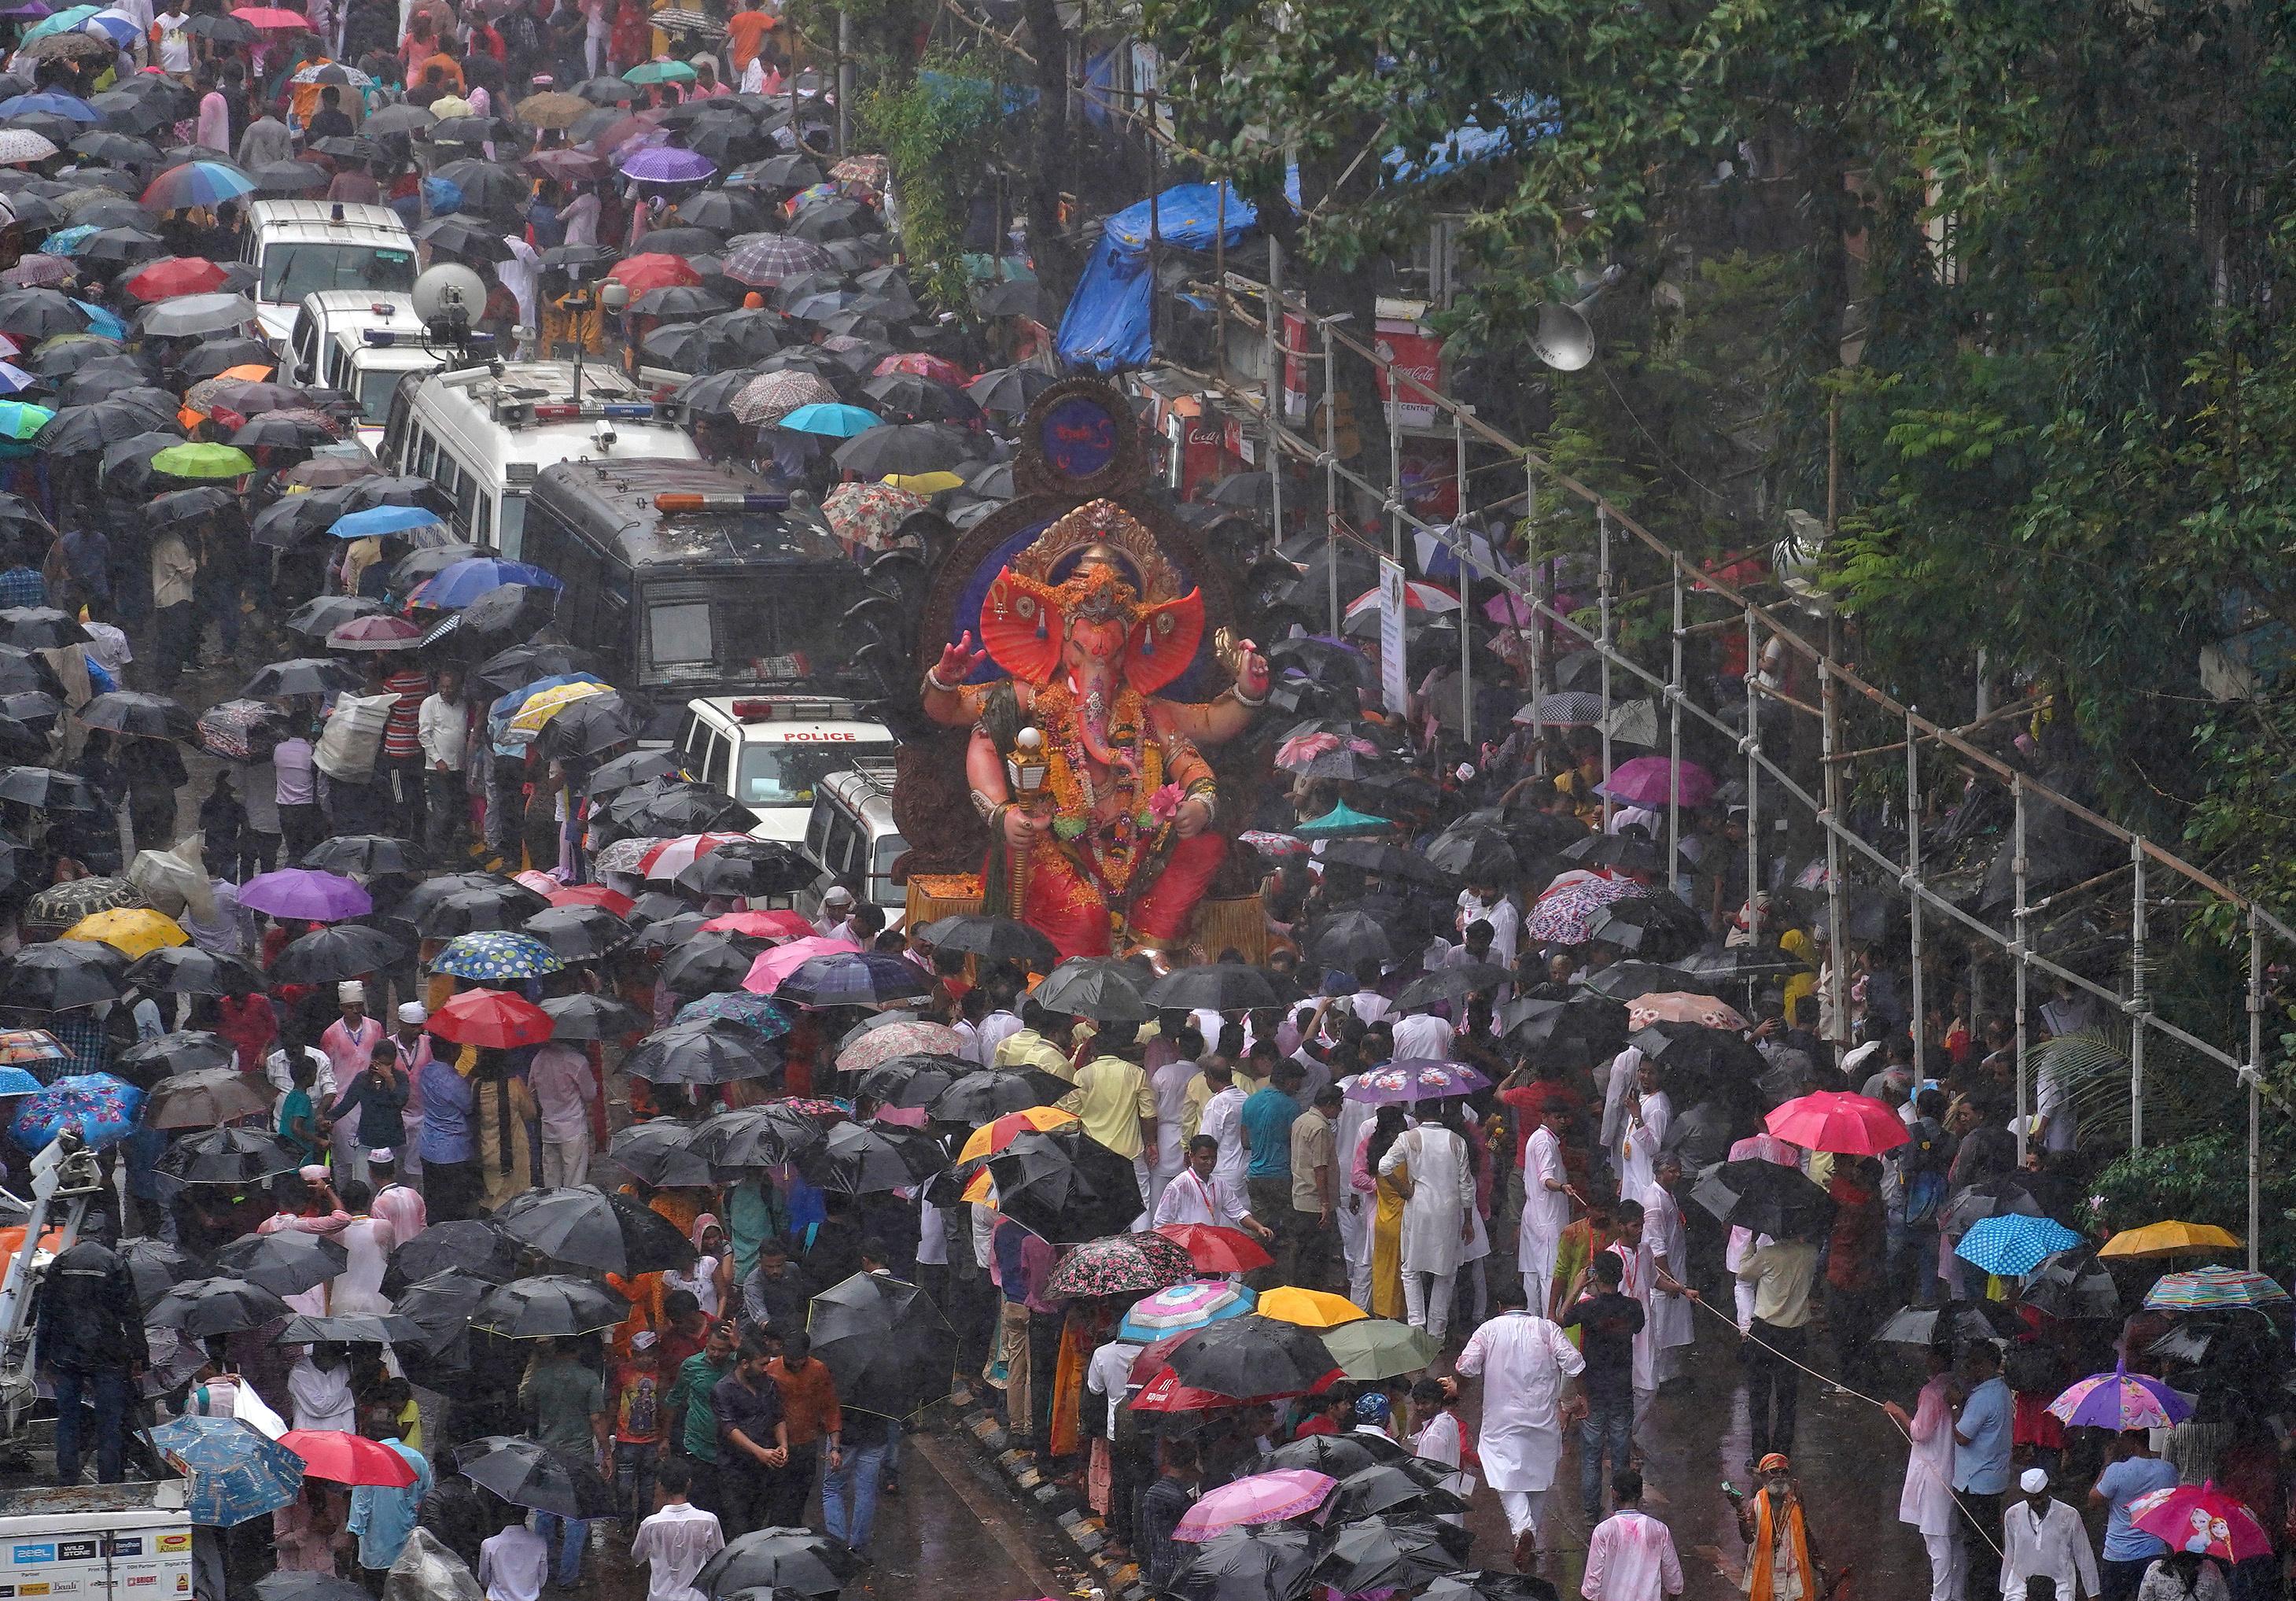 مهرجان جانيش تشاتورثى إلة الحكمة وجلب السعادة